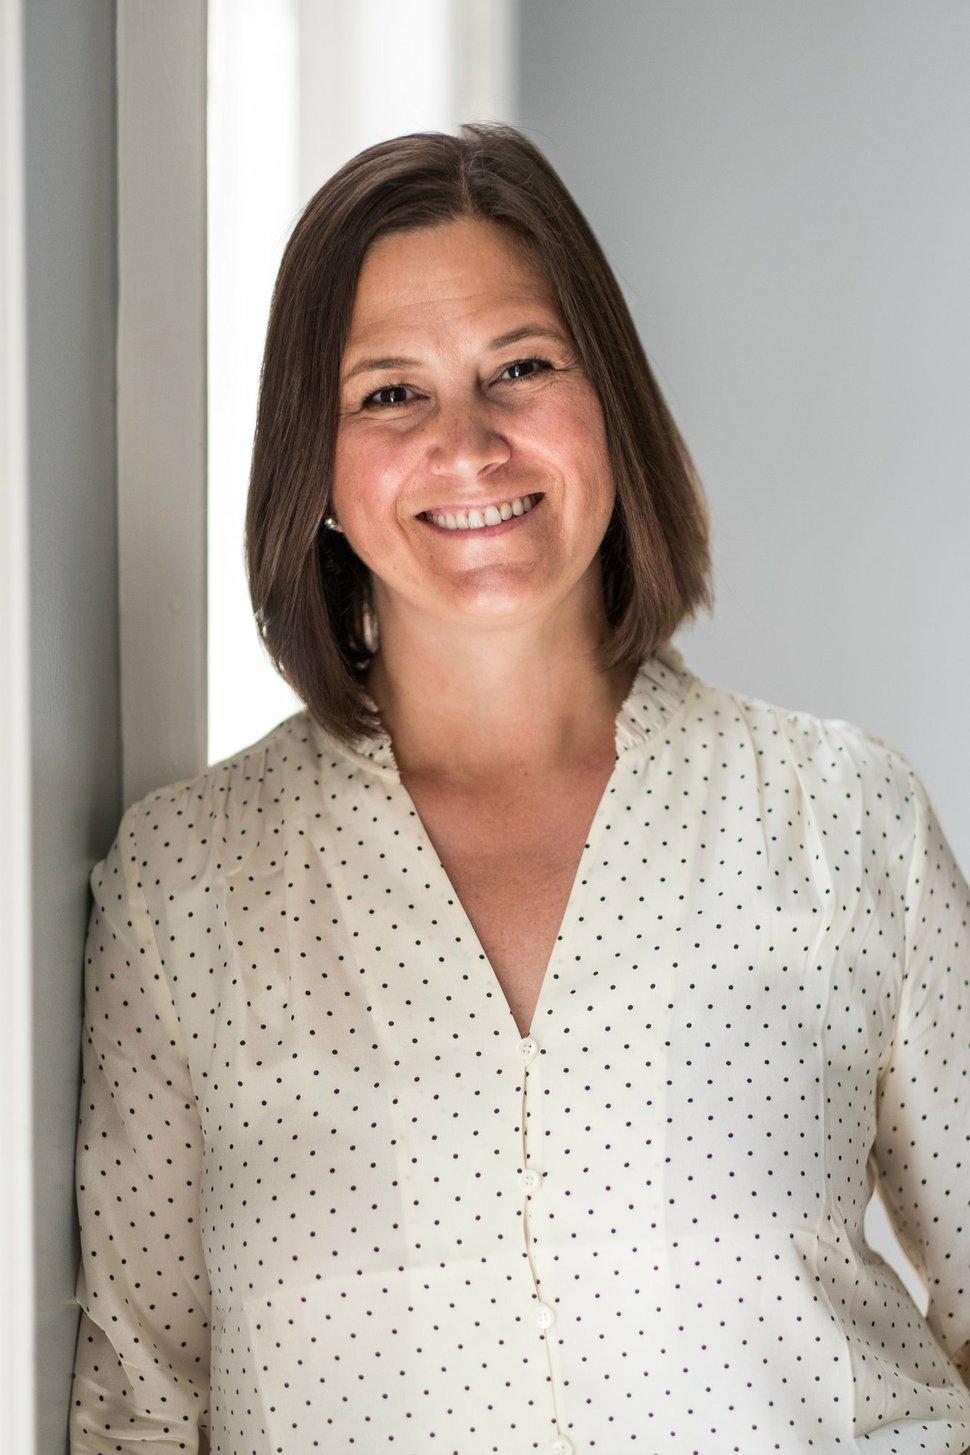 Michelle Quist